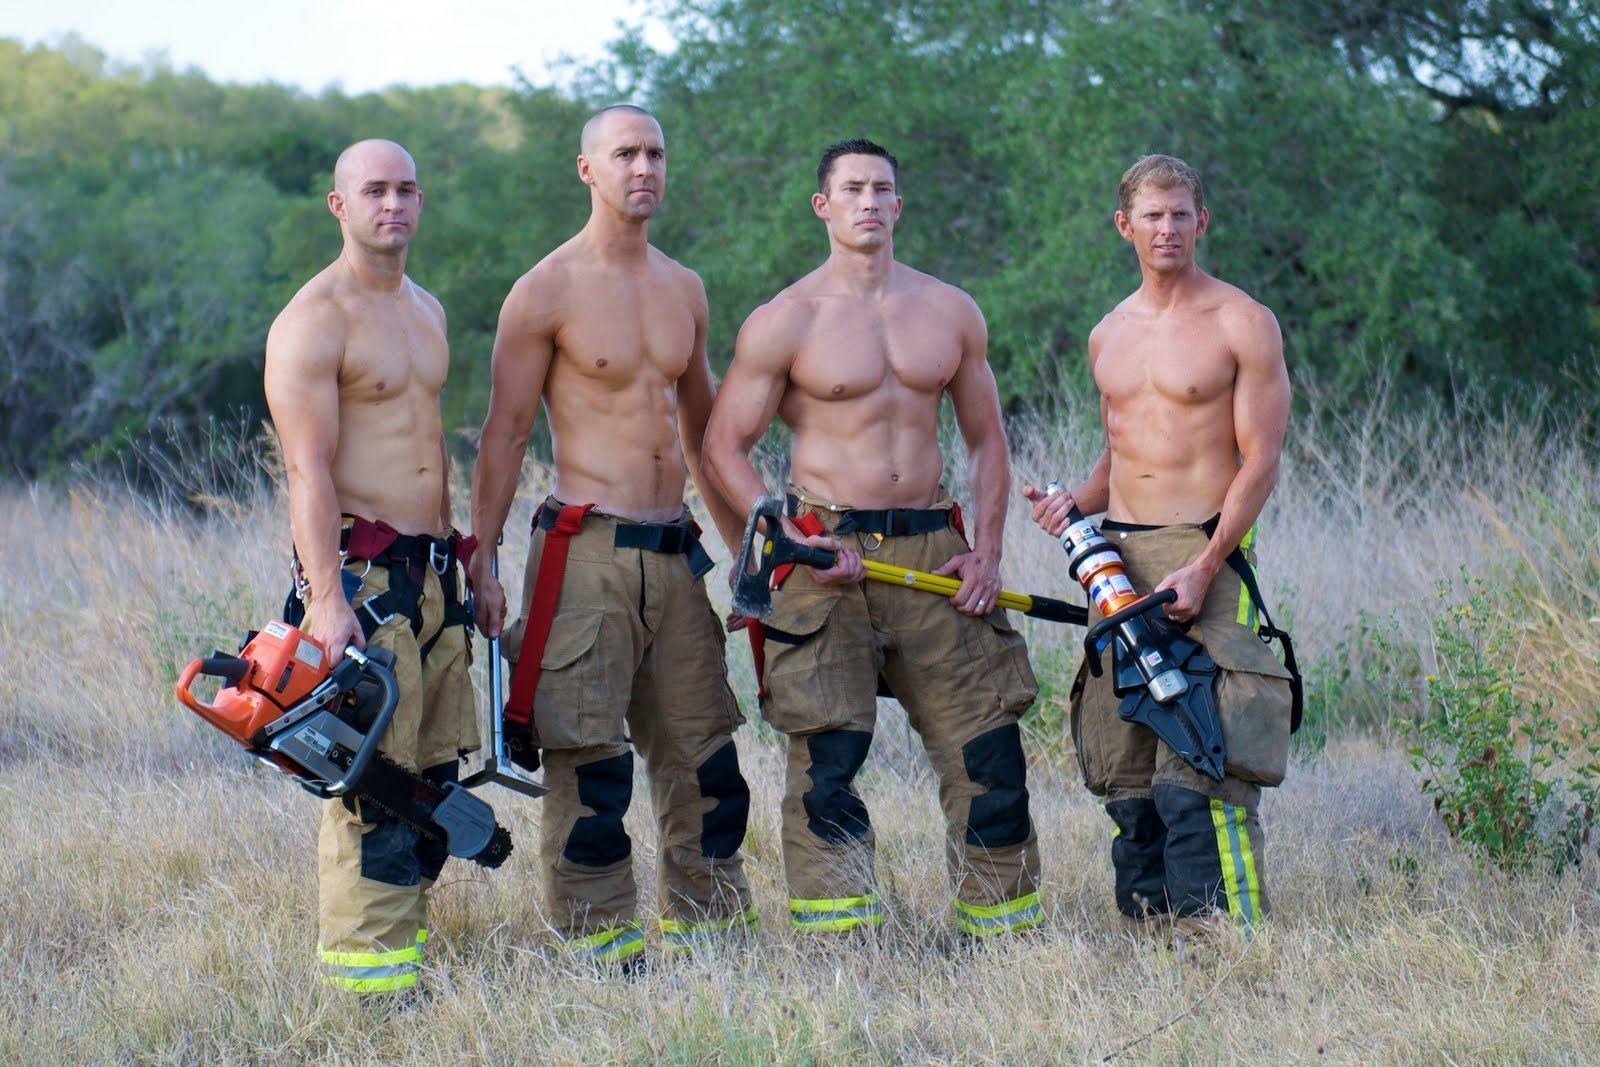 Nude fireman calendar office pantyhose sex